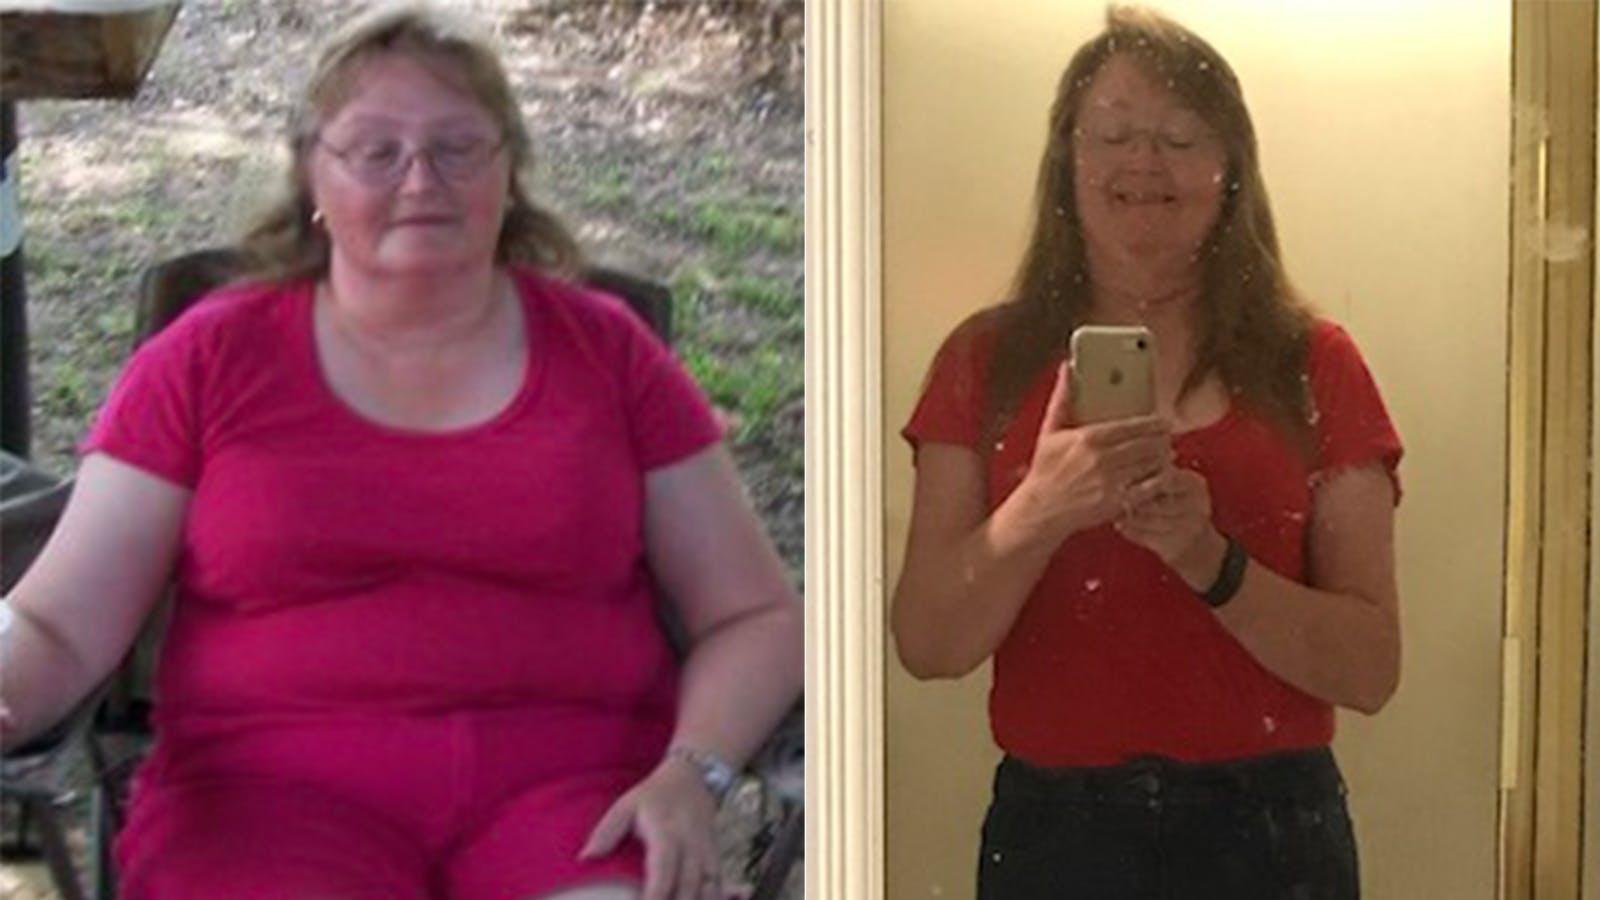 Adiós a 27 kg y todos los problemas de salud con una dieta keto